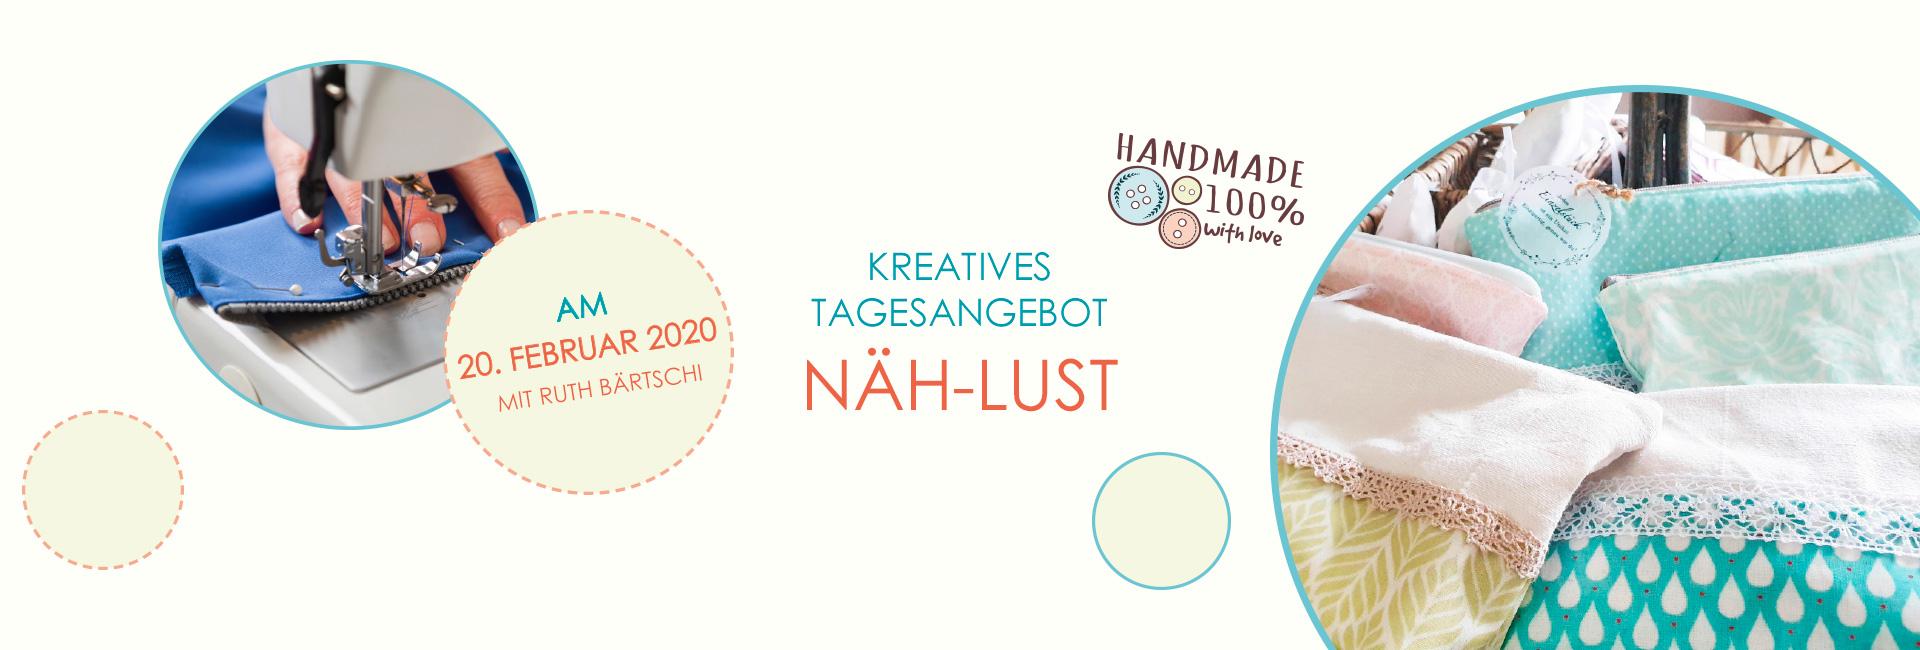 SFH naeh-lust kreativtage 2020